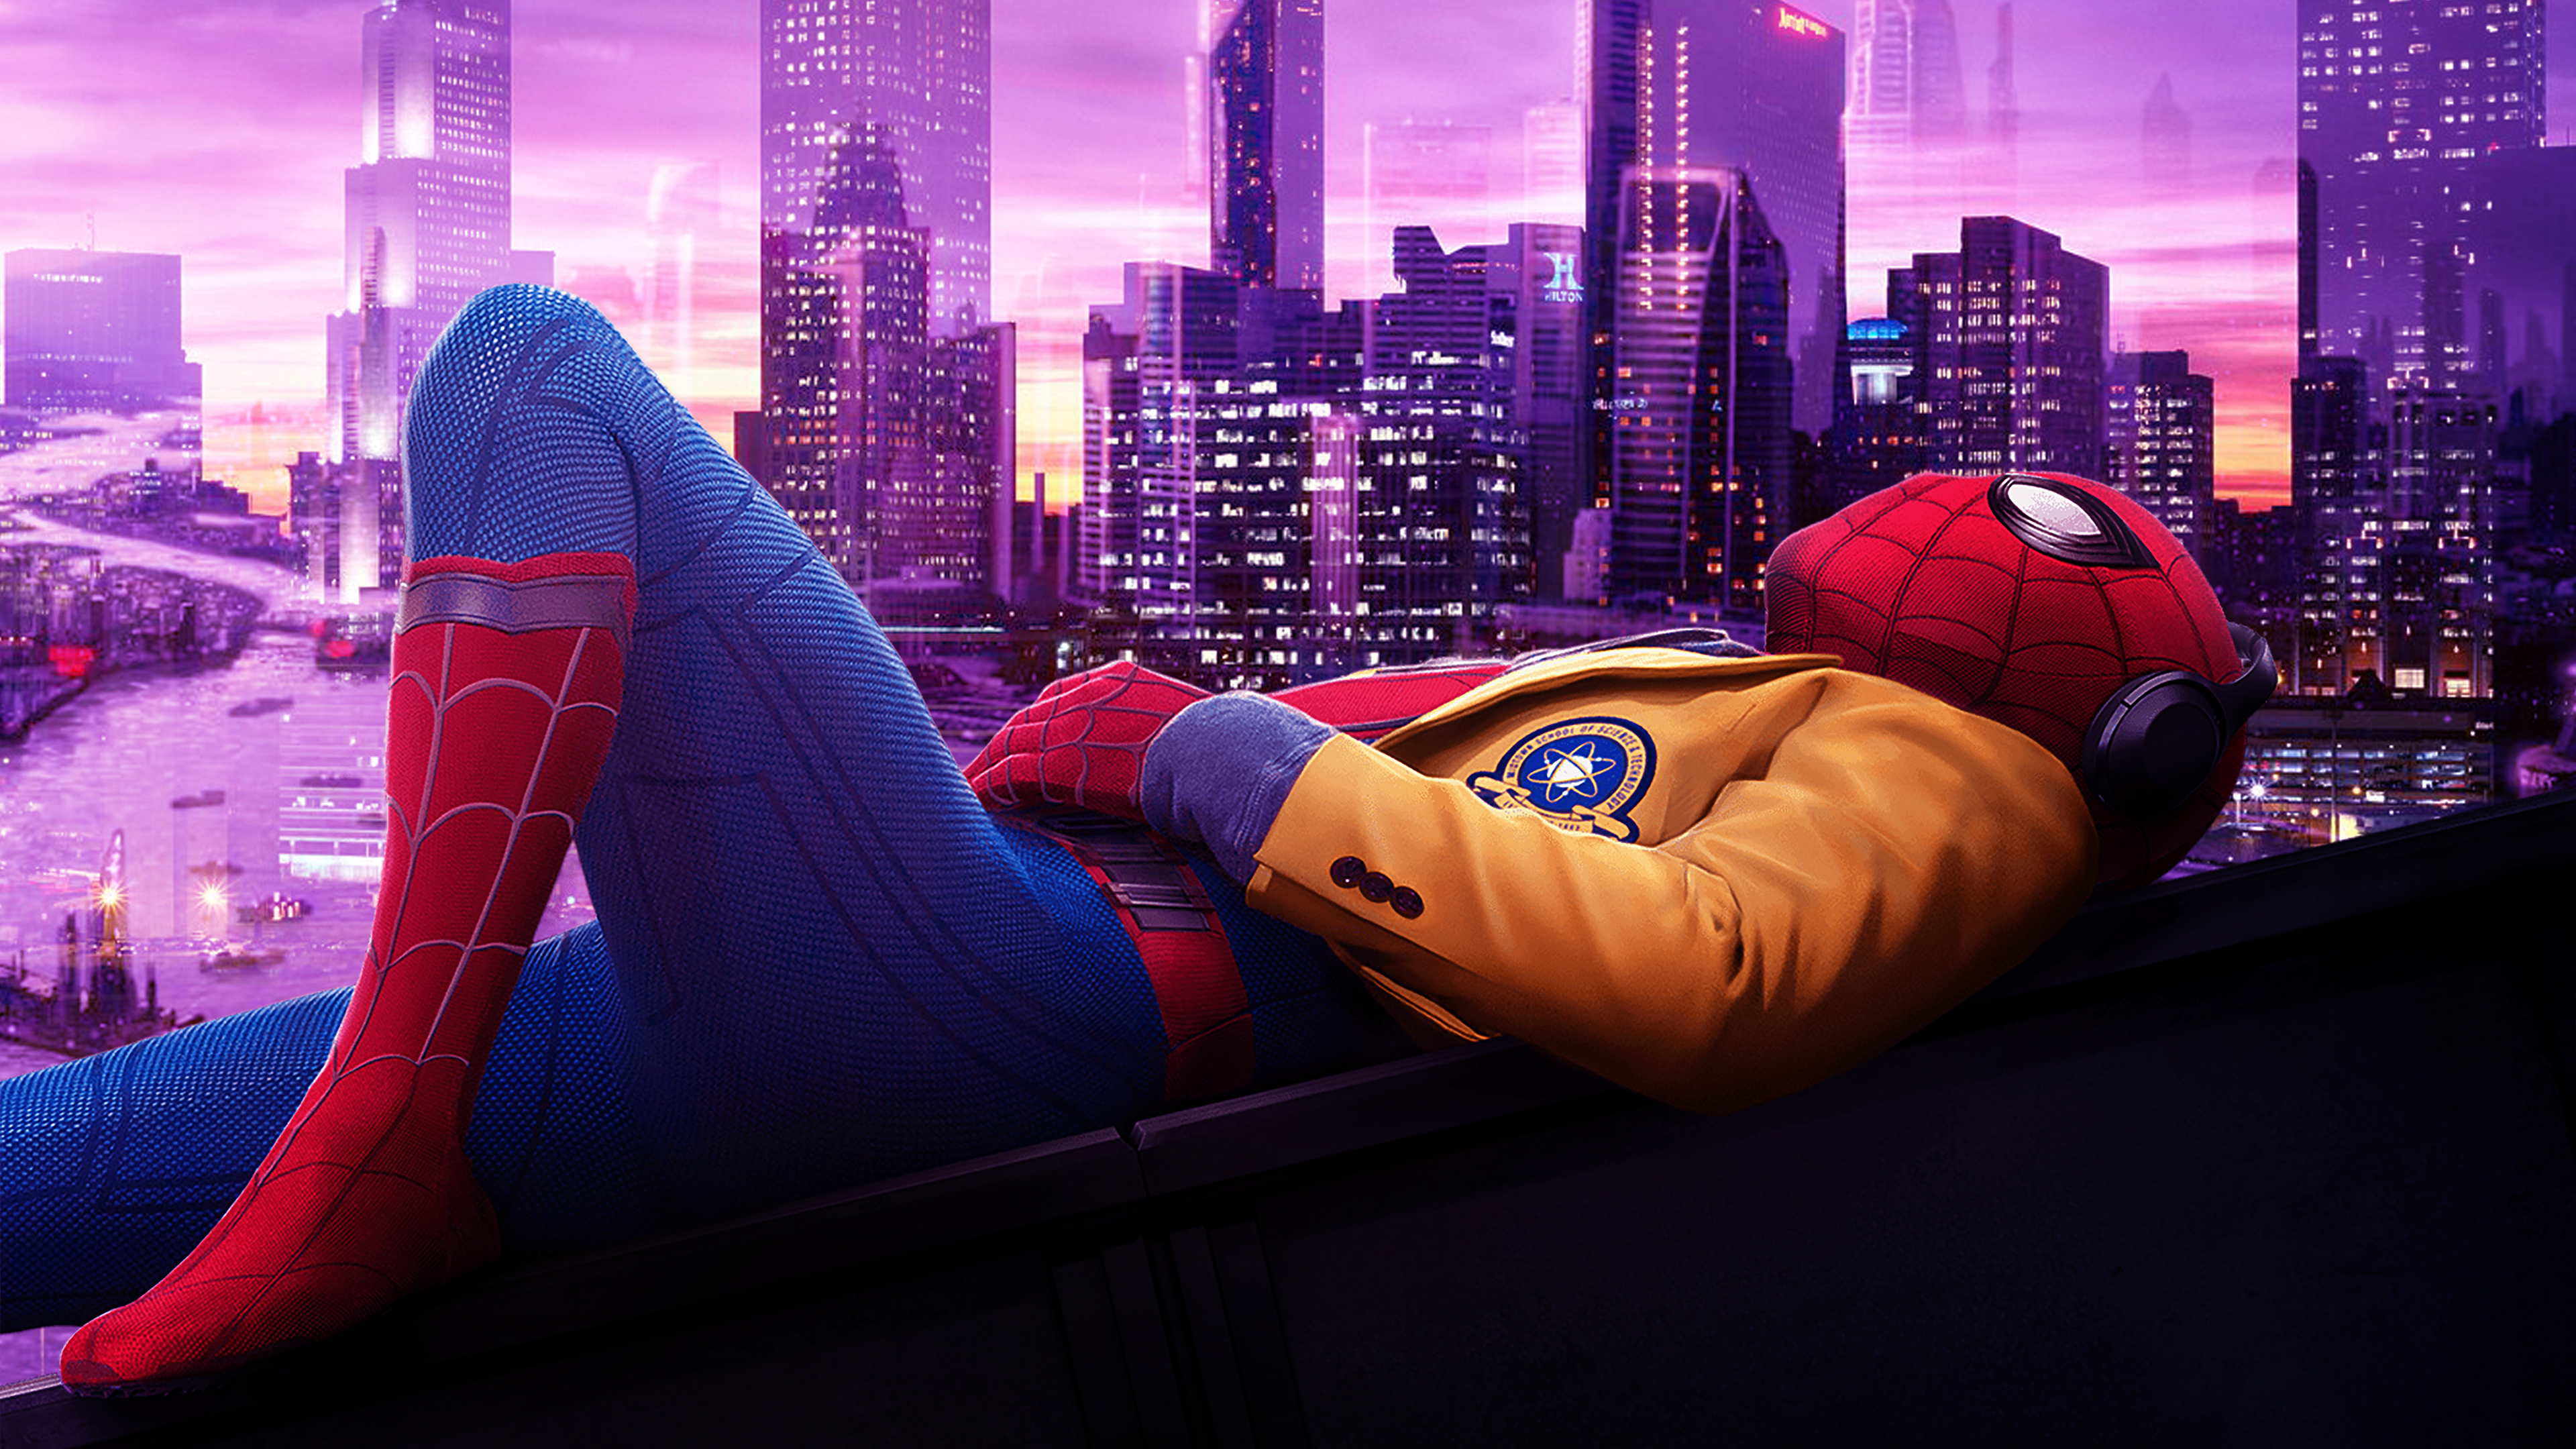 spiderman listening music 2019 1568053777 - Spiderman Listening Music 2019 - superheroes wallpapers, spiderman wallpapers, hd-wallpapers, behance wallpapers, artwork wallpapers, 4k-wallpapers